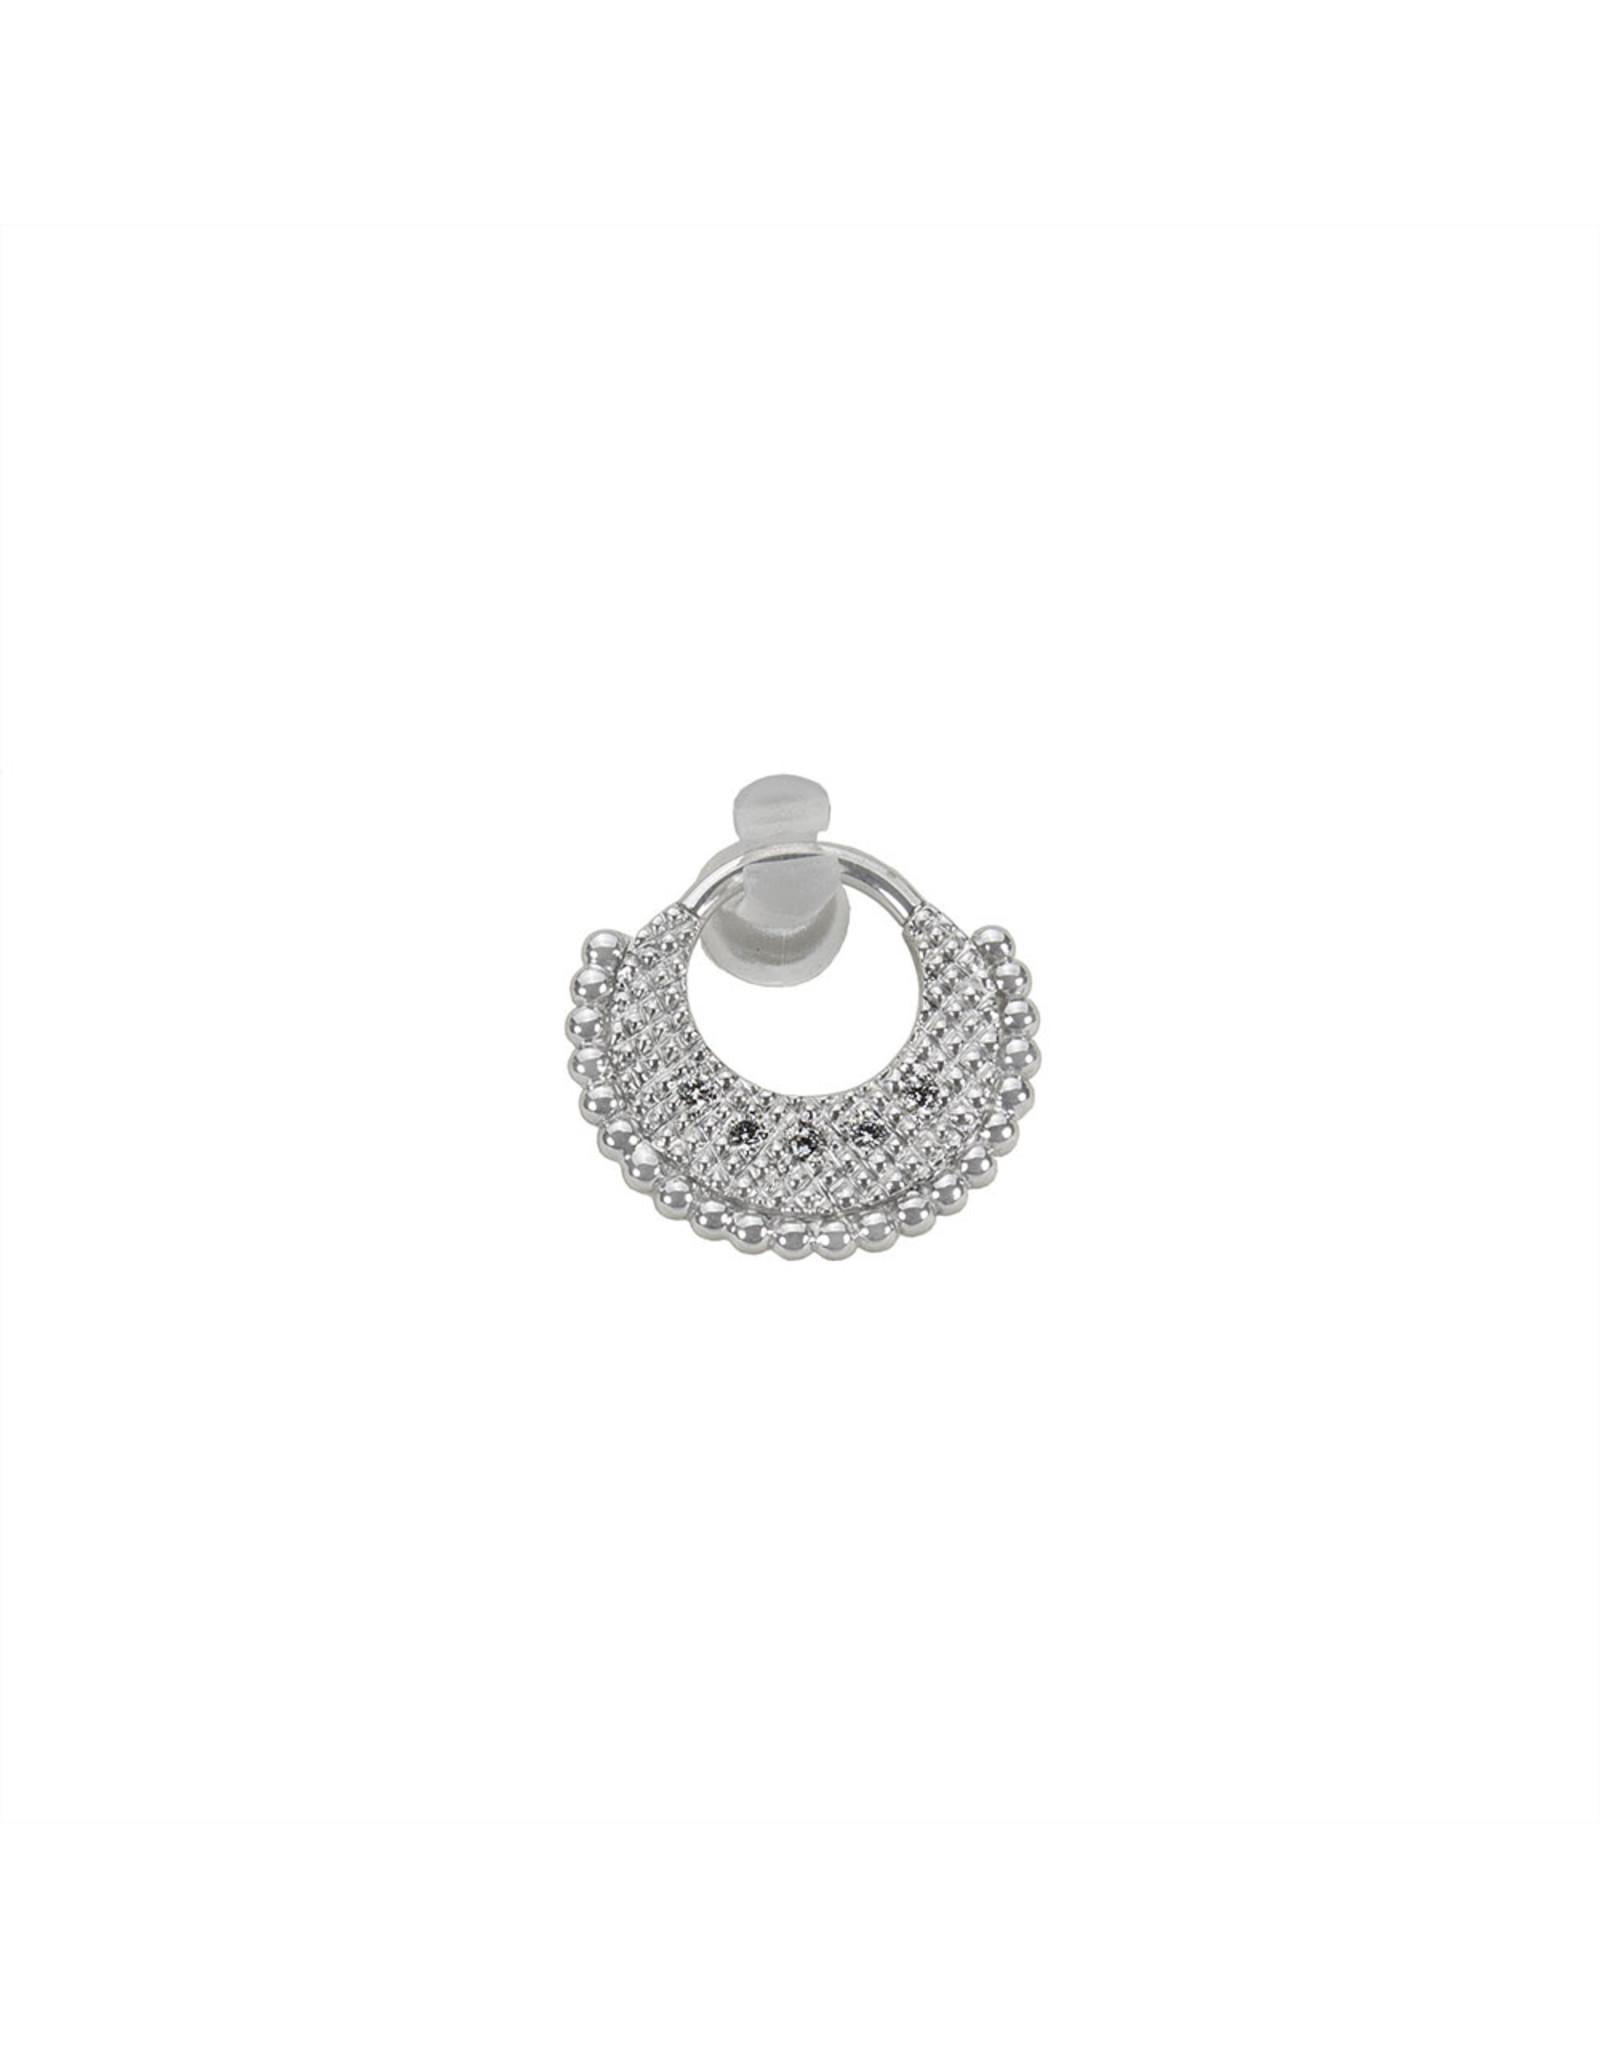 """BVLA BVLA 16g 5/16 white gold """"Inara"""" clicker with 5x 1.25 VS1 Diamonds"""